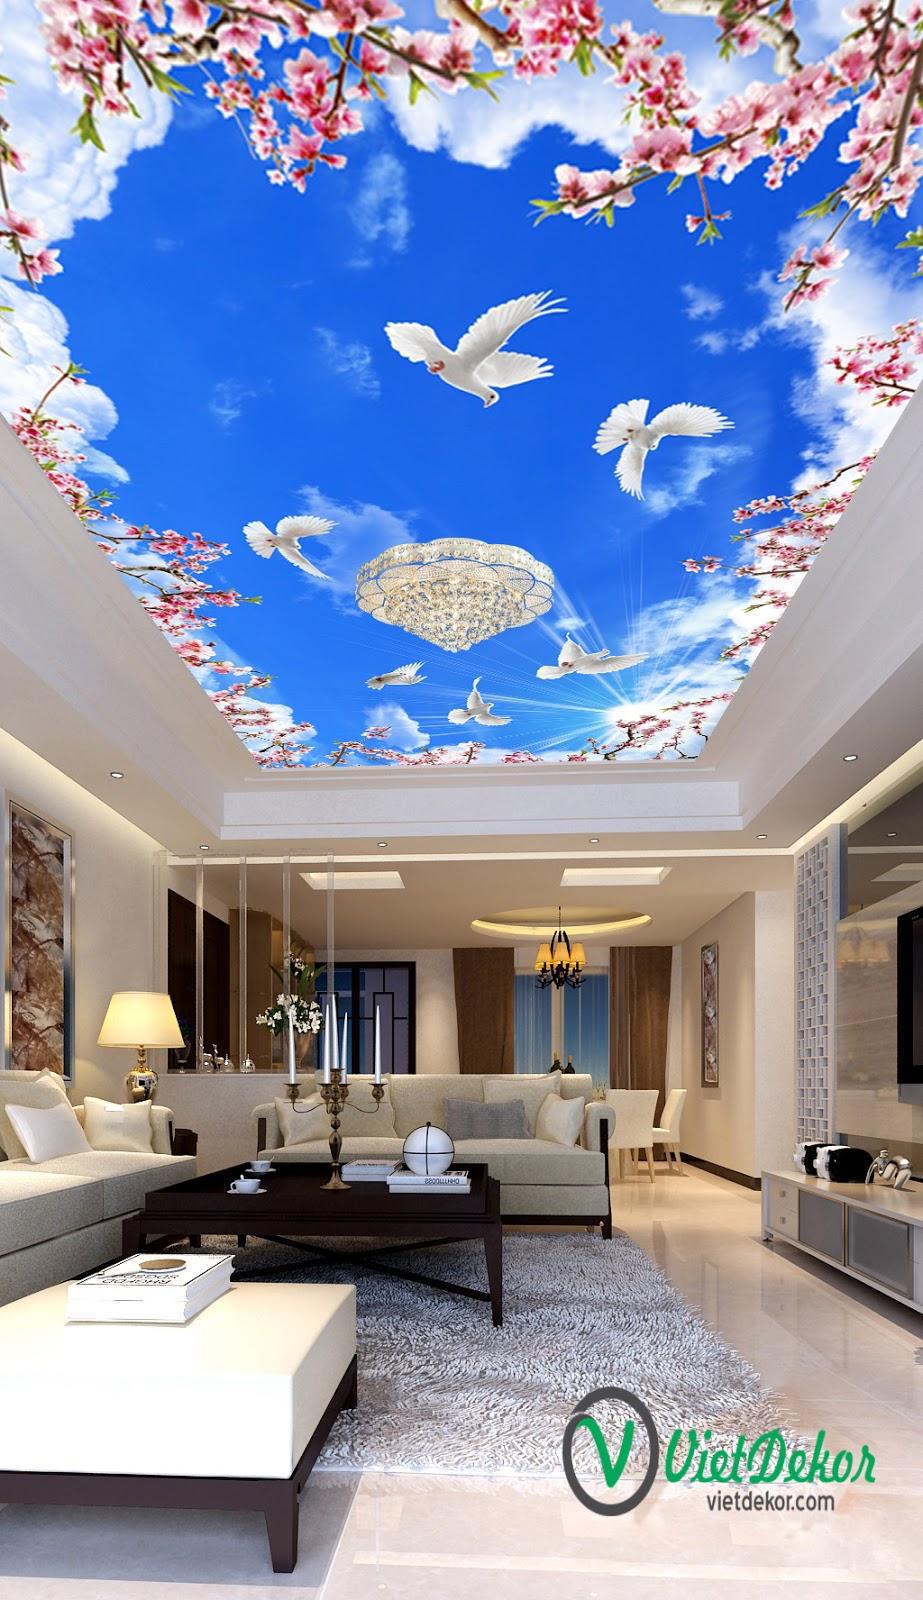 Tranh trần 3d bầu trời xanh mây trắng hoa đào